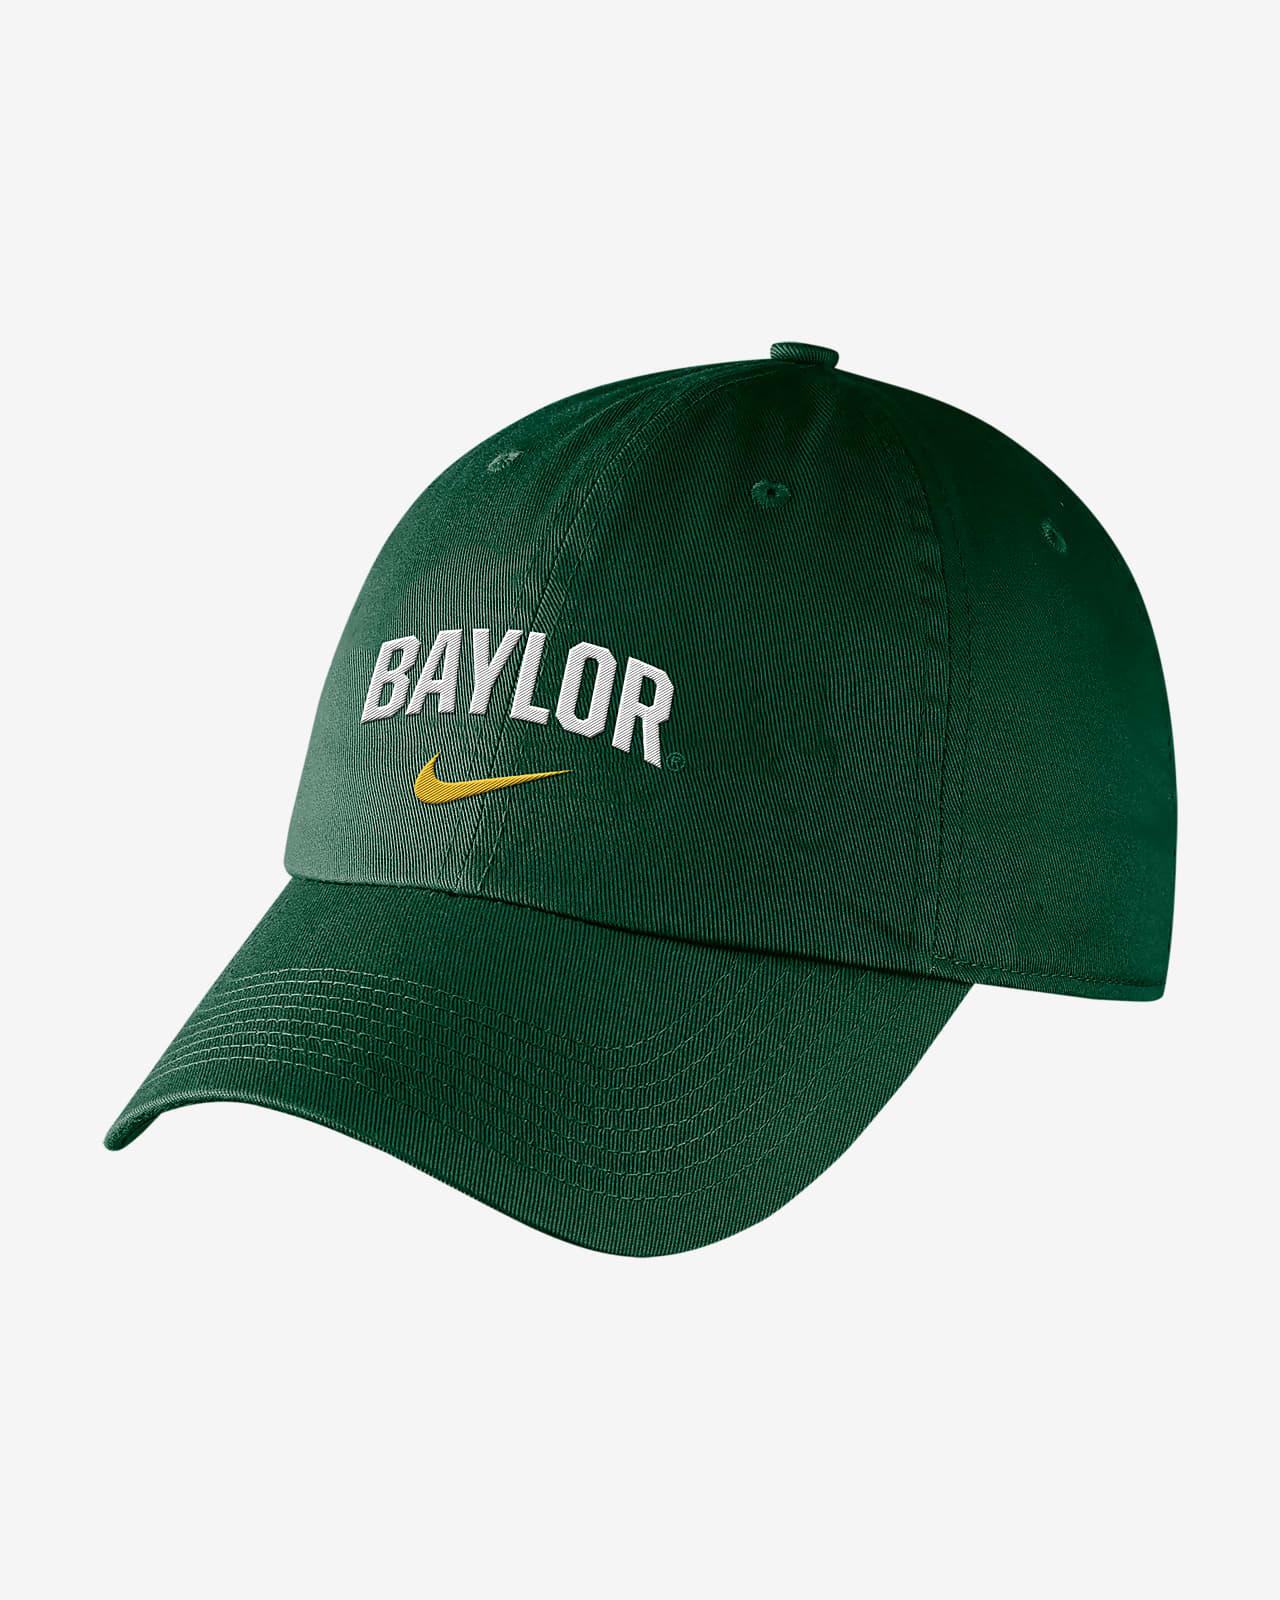 Nike College (Baylor) Hat